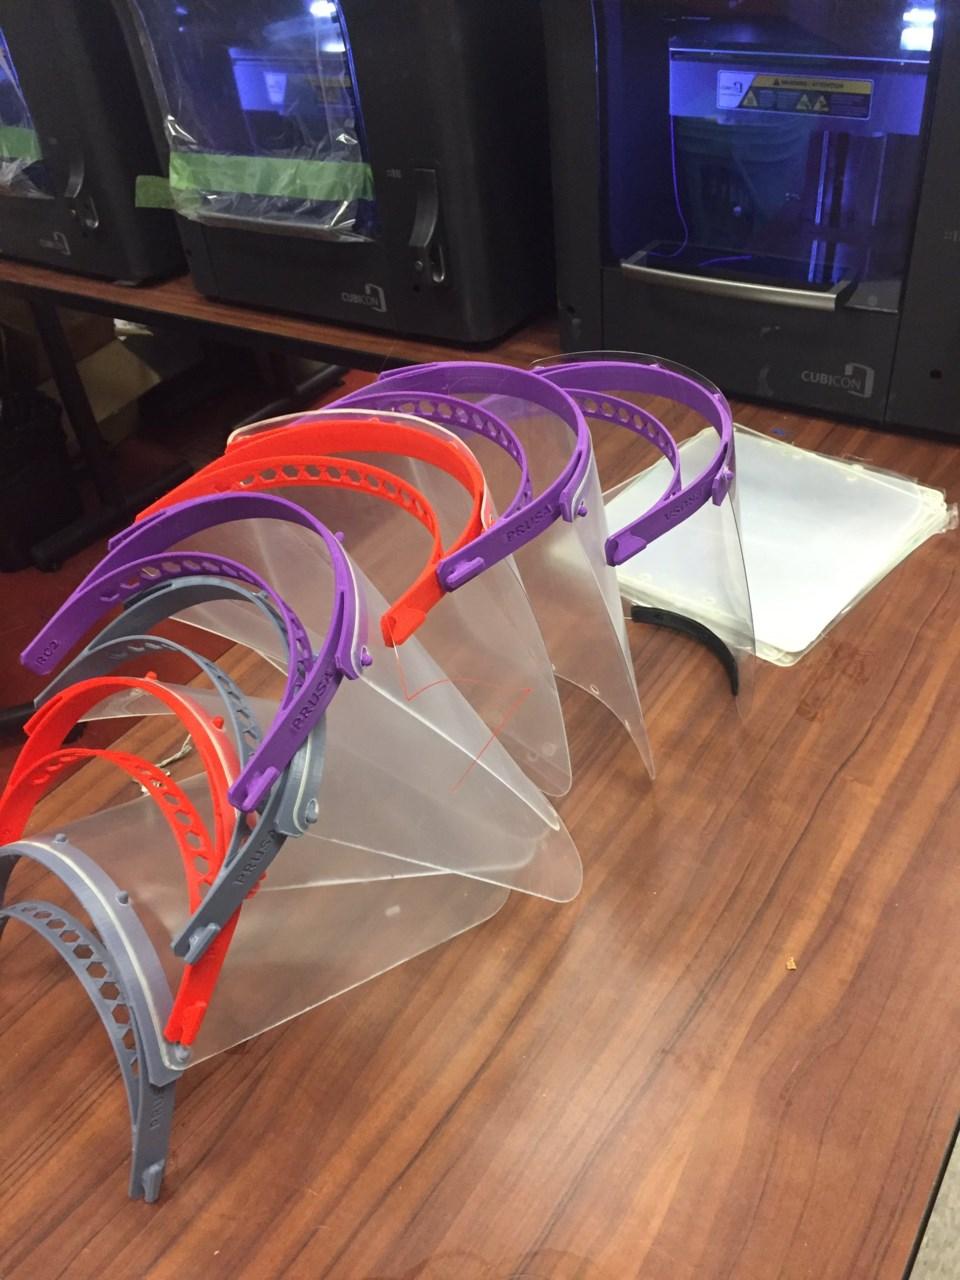 plastic faceshields